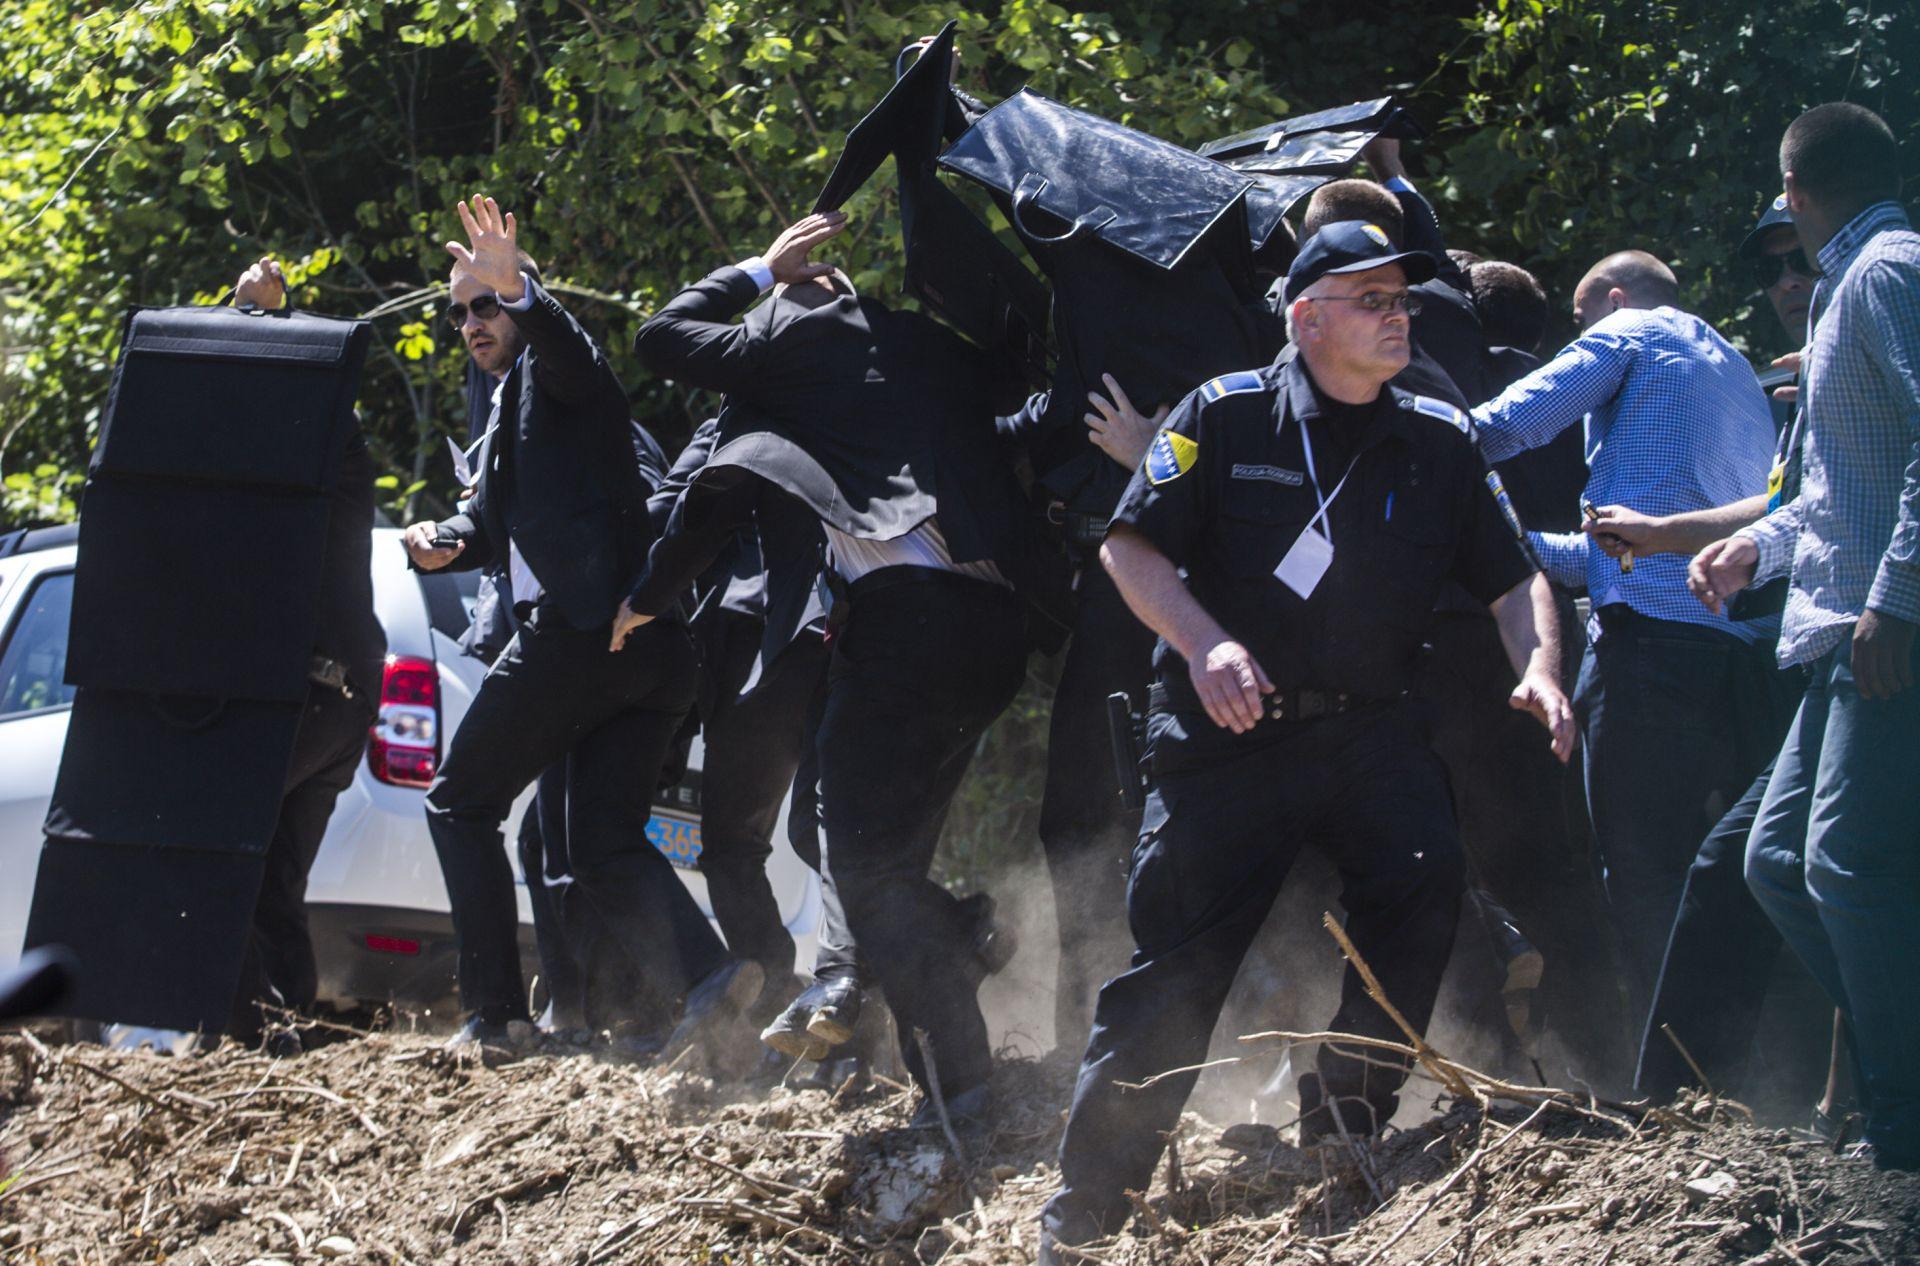 UHIĆENI VUČIĆEVI NAPADAČI Tri osobe privedene zbog napada na Vučića u Srebrenici